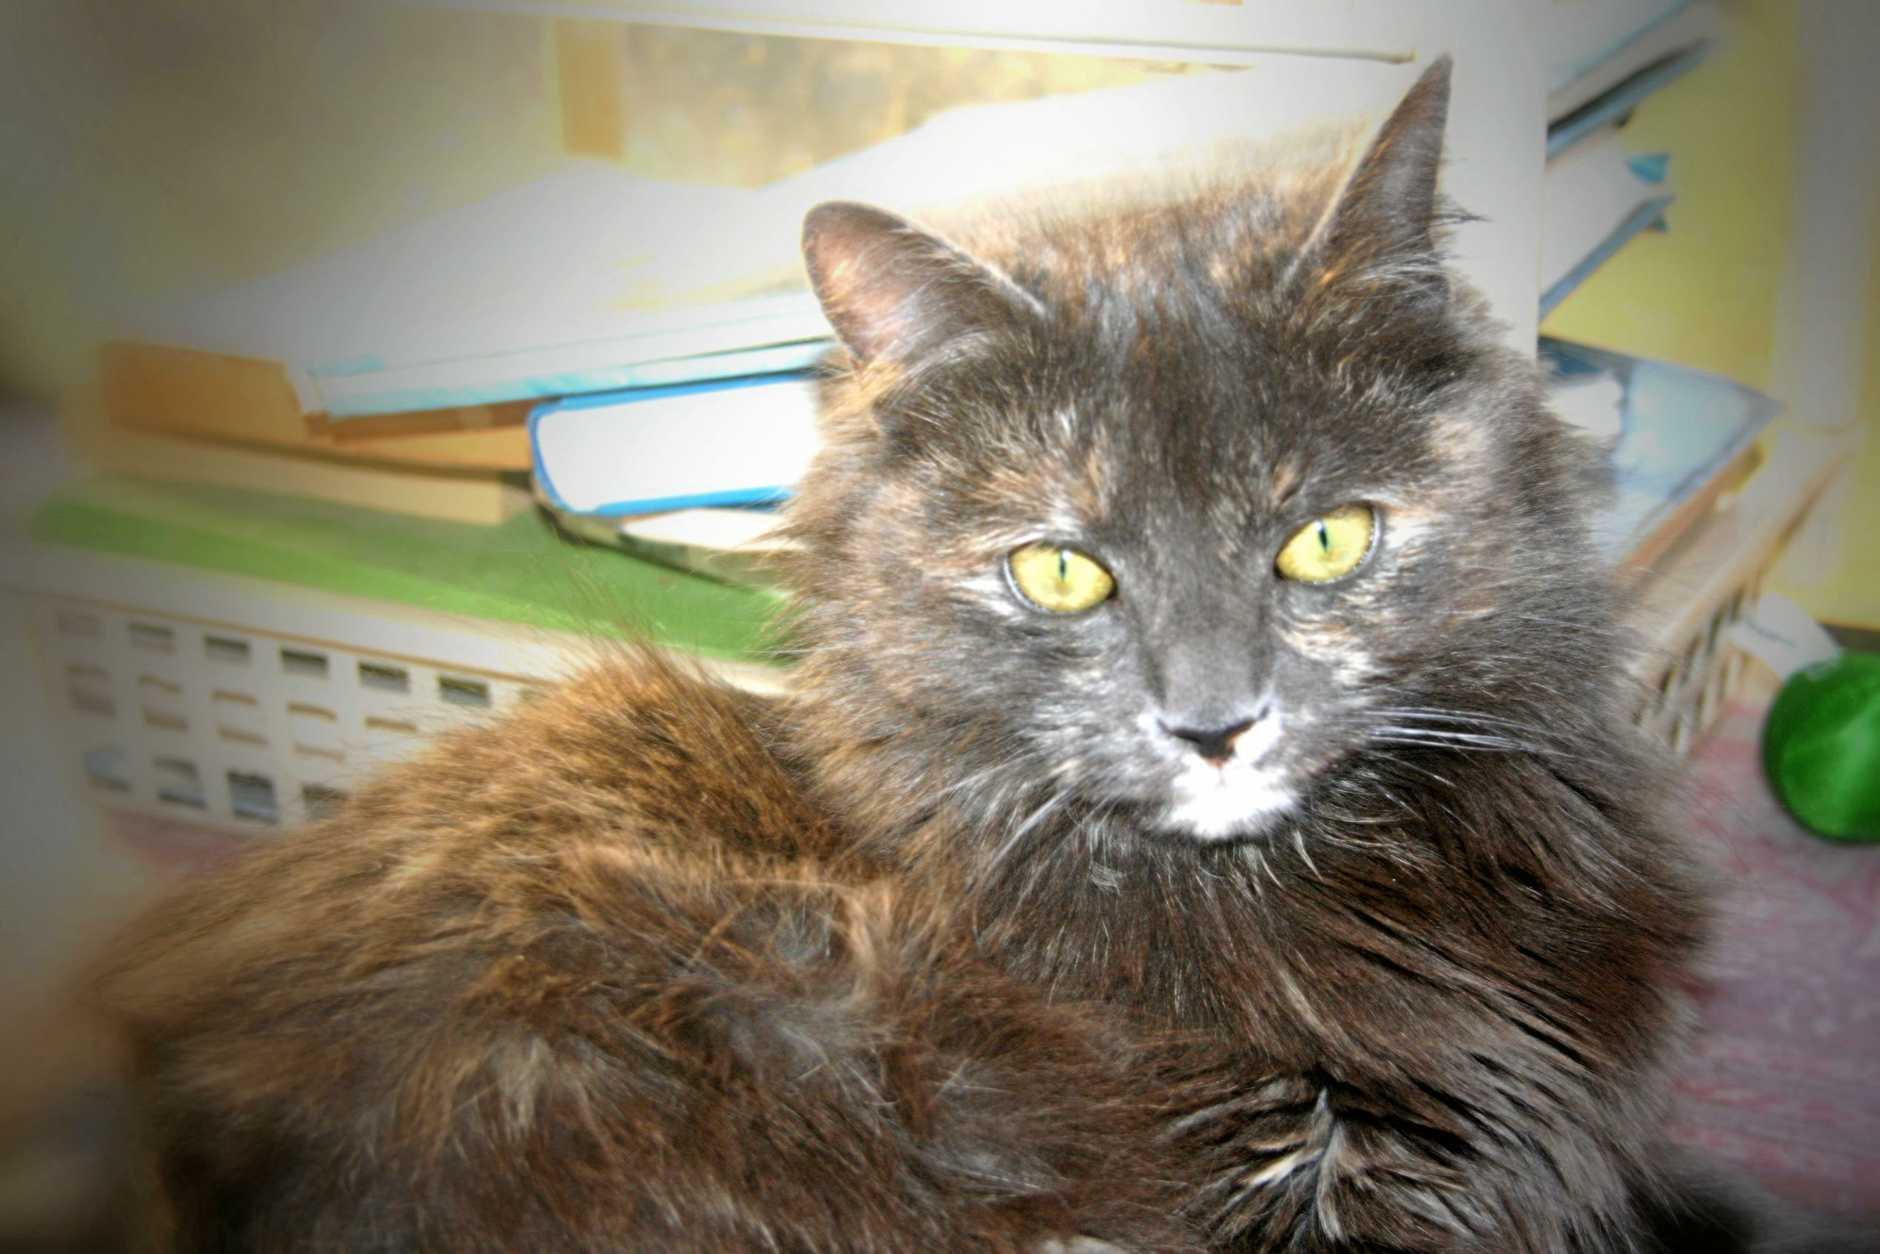 Joan Dunlop's cat Sally needs a new home.